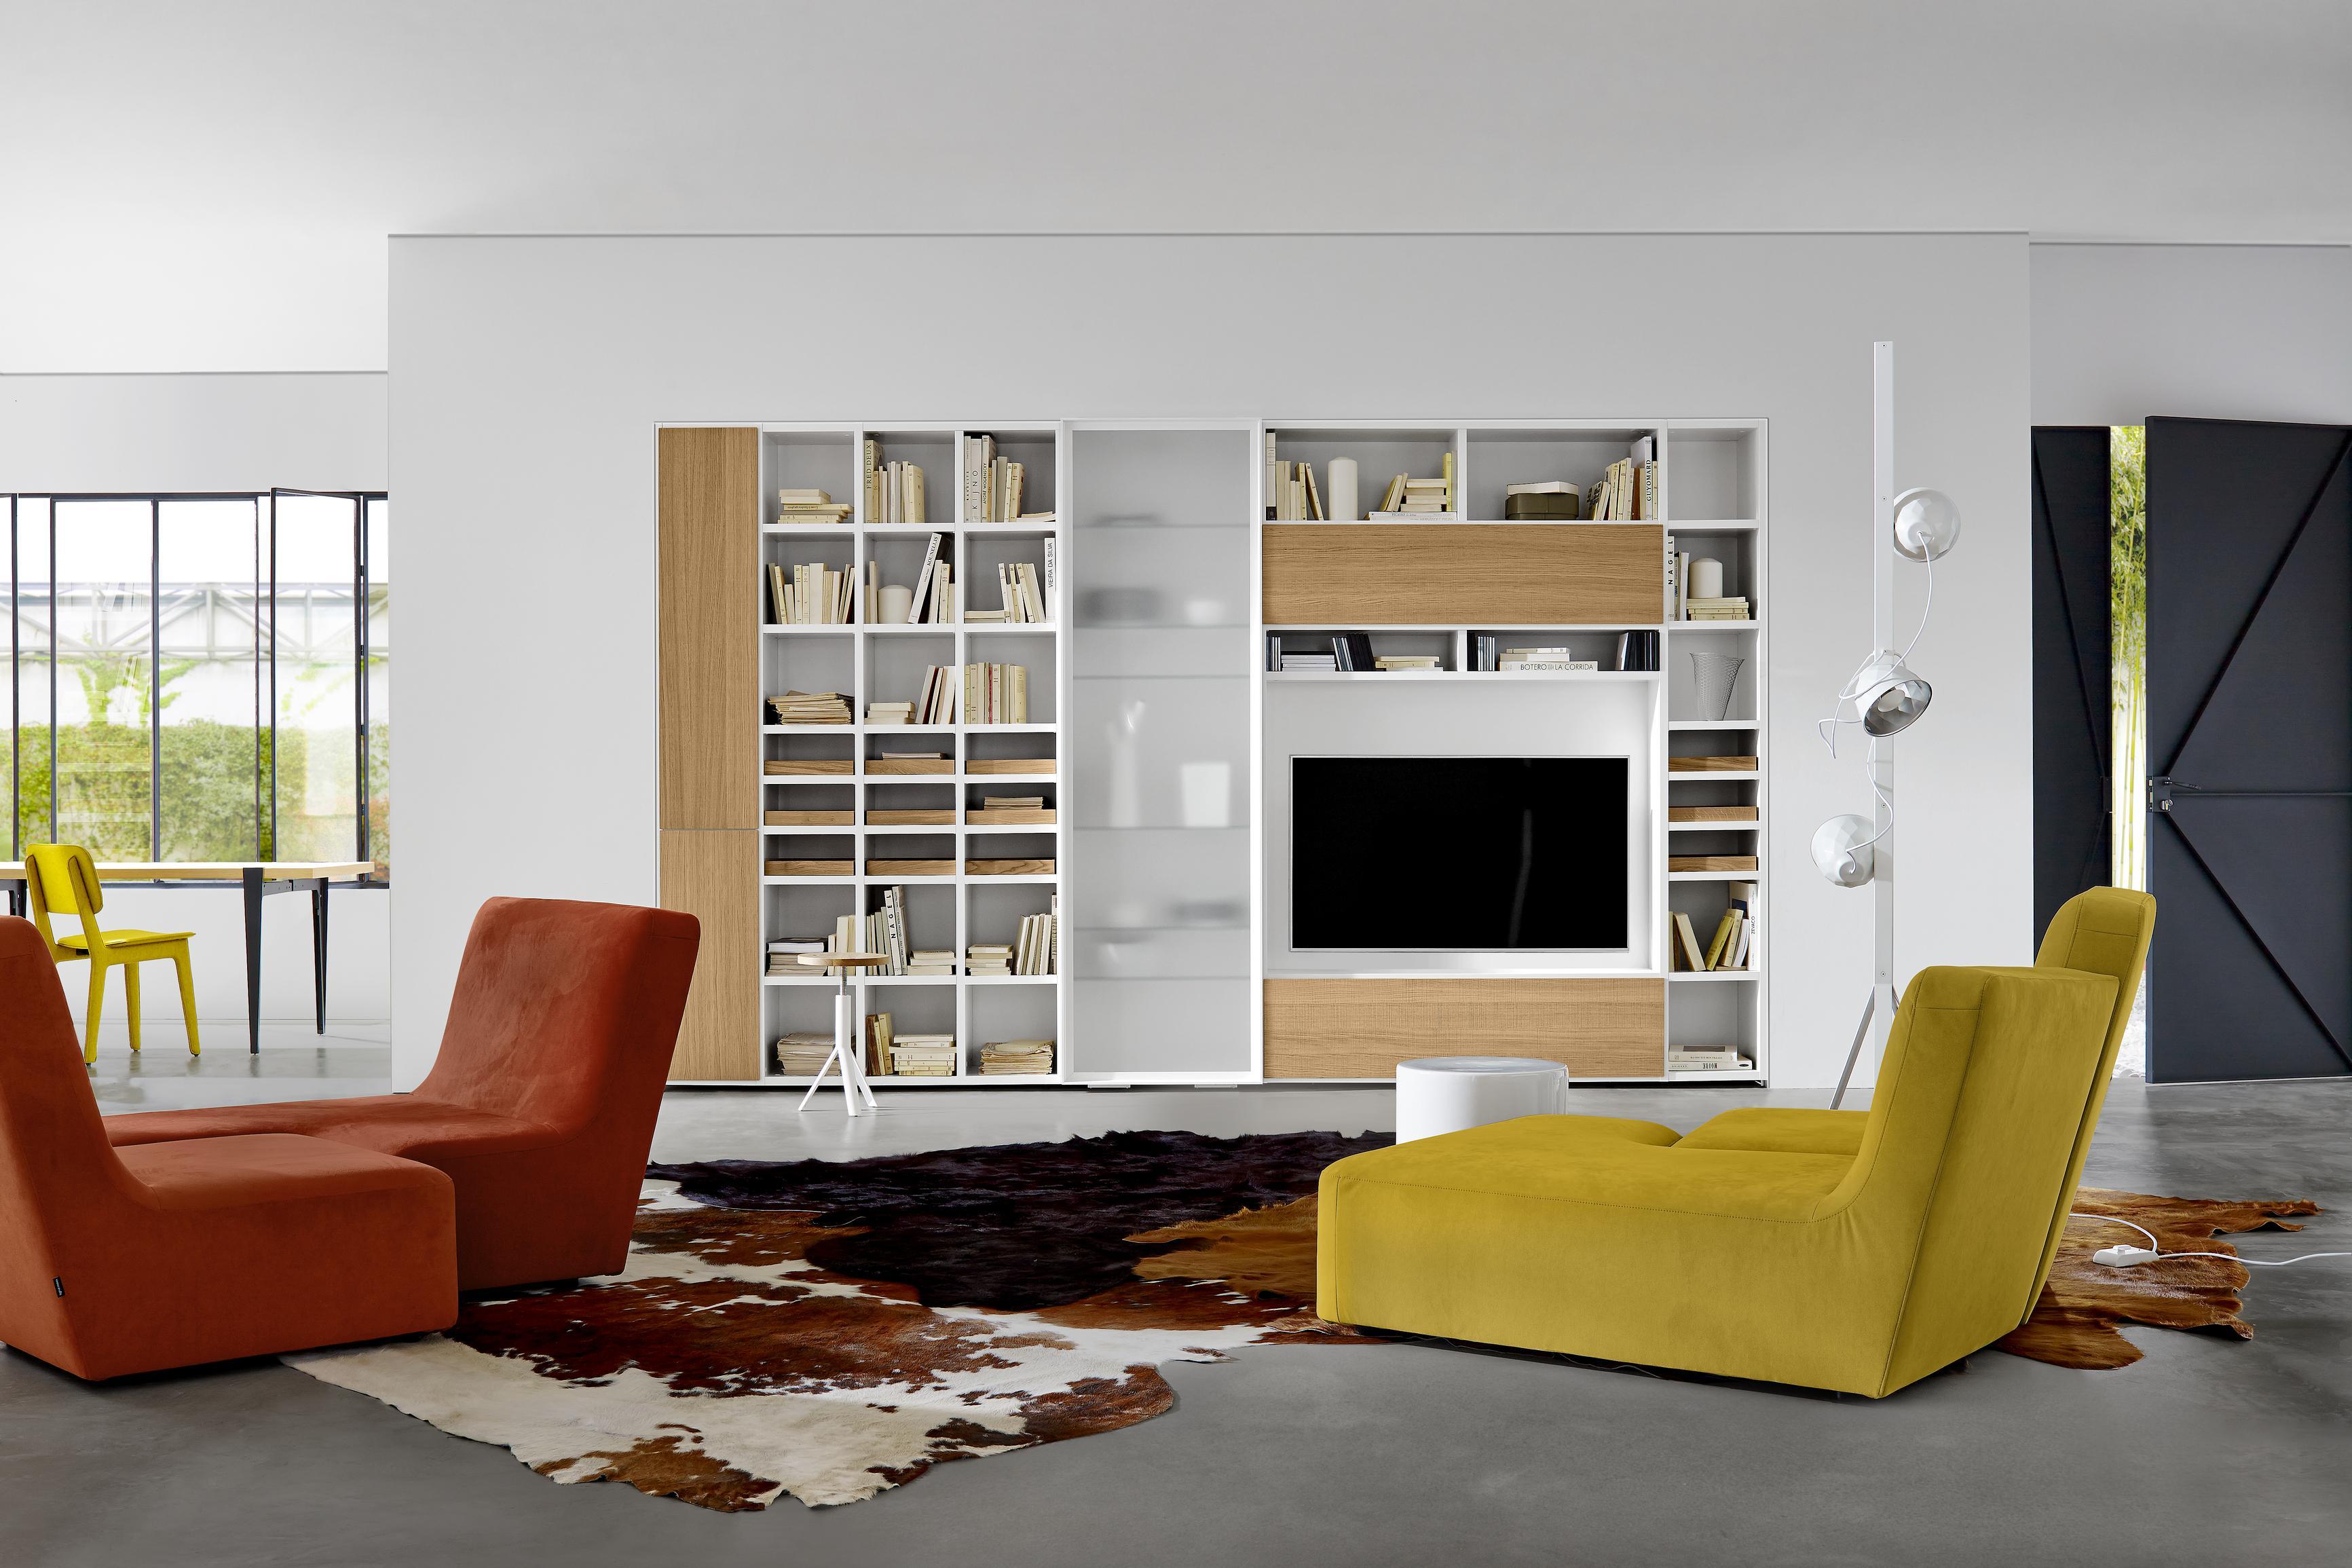 Meuble Tv Ligne Roset Id Es De Design D Int Rieur Et De Meubles # Ligne Roset Meuble Tele